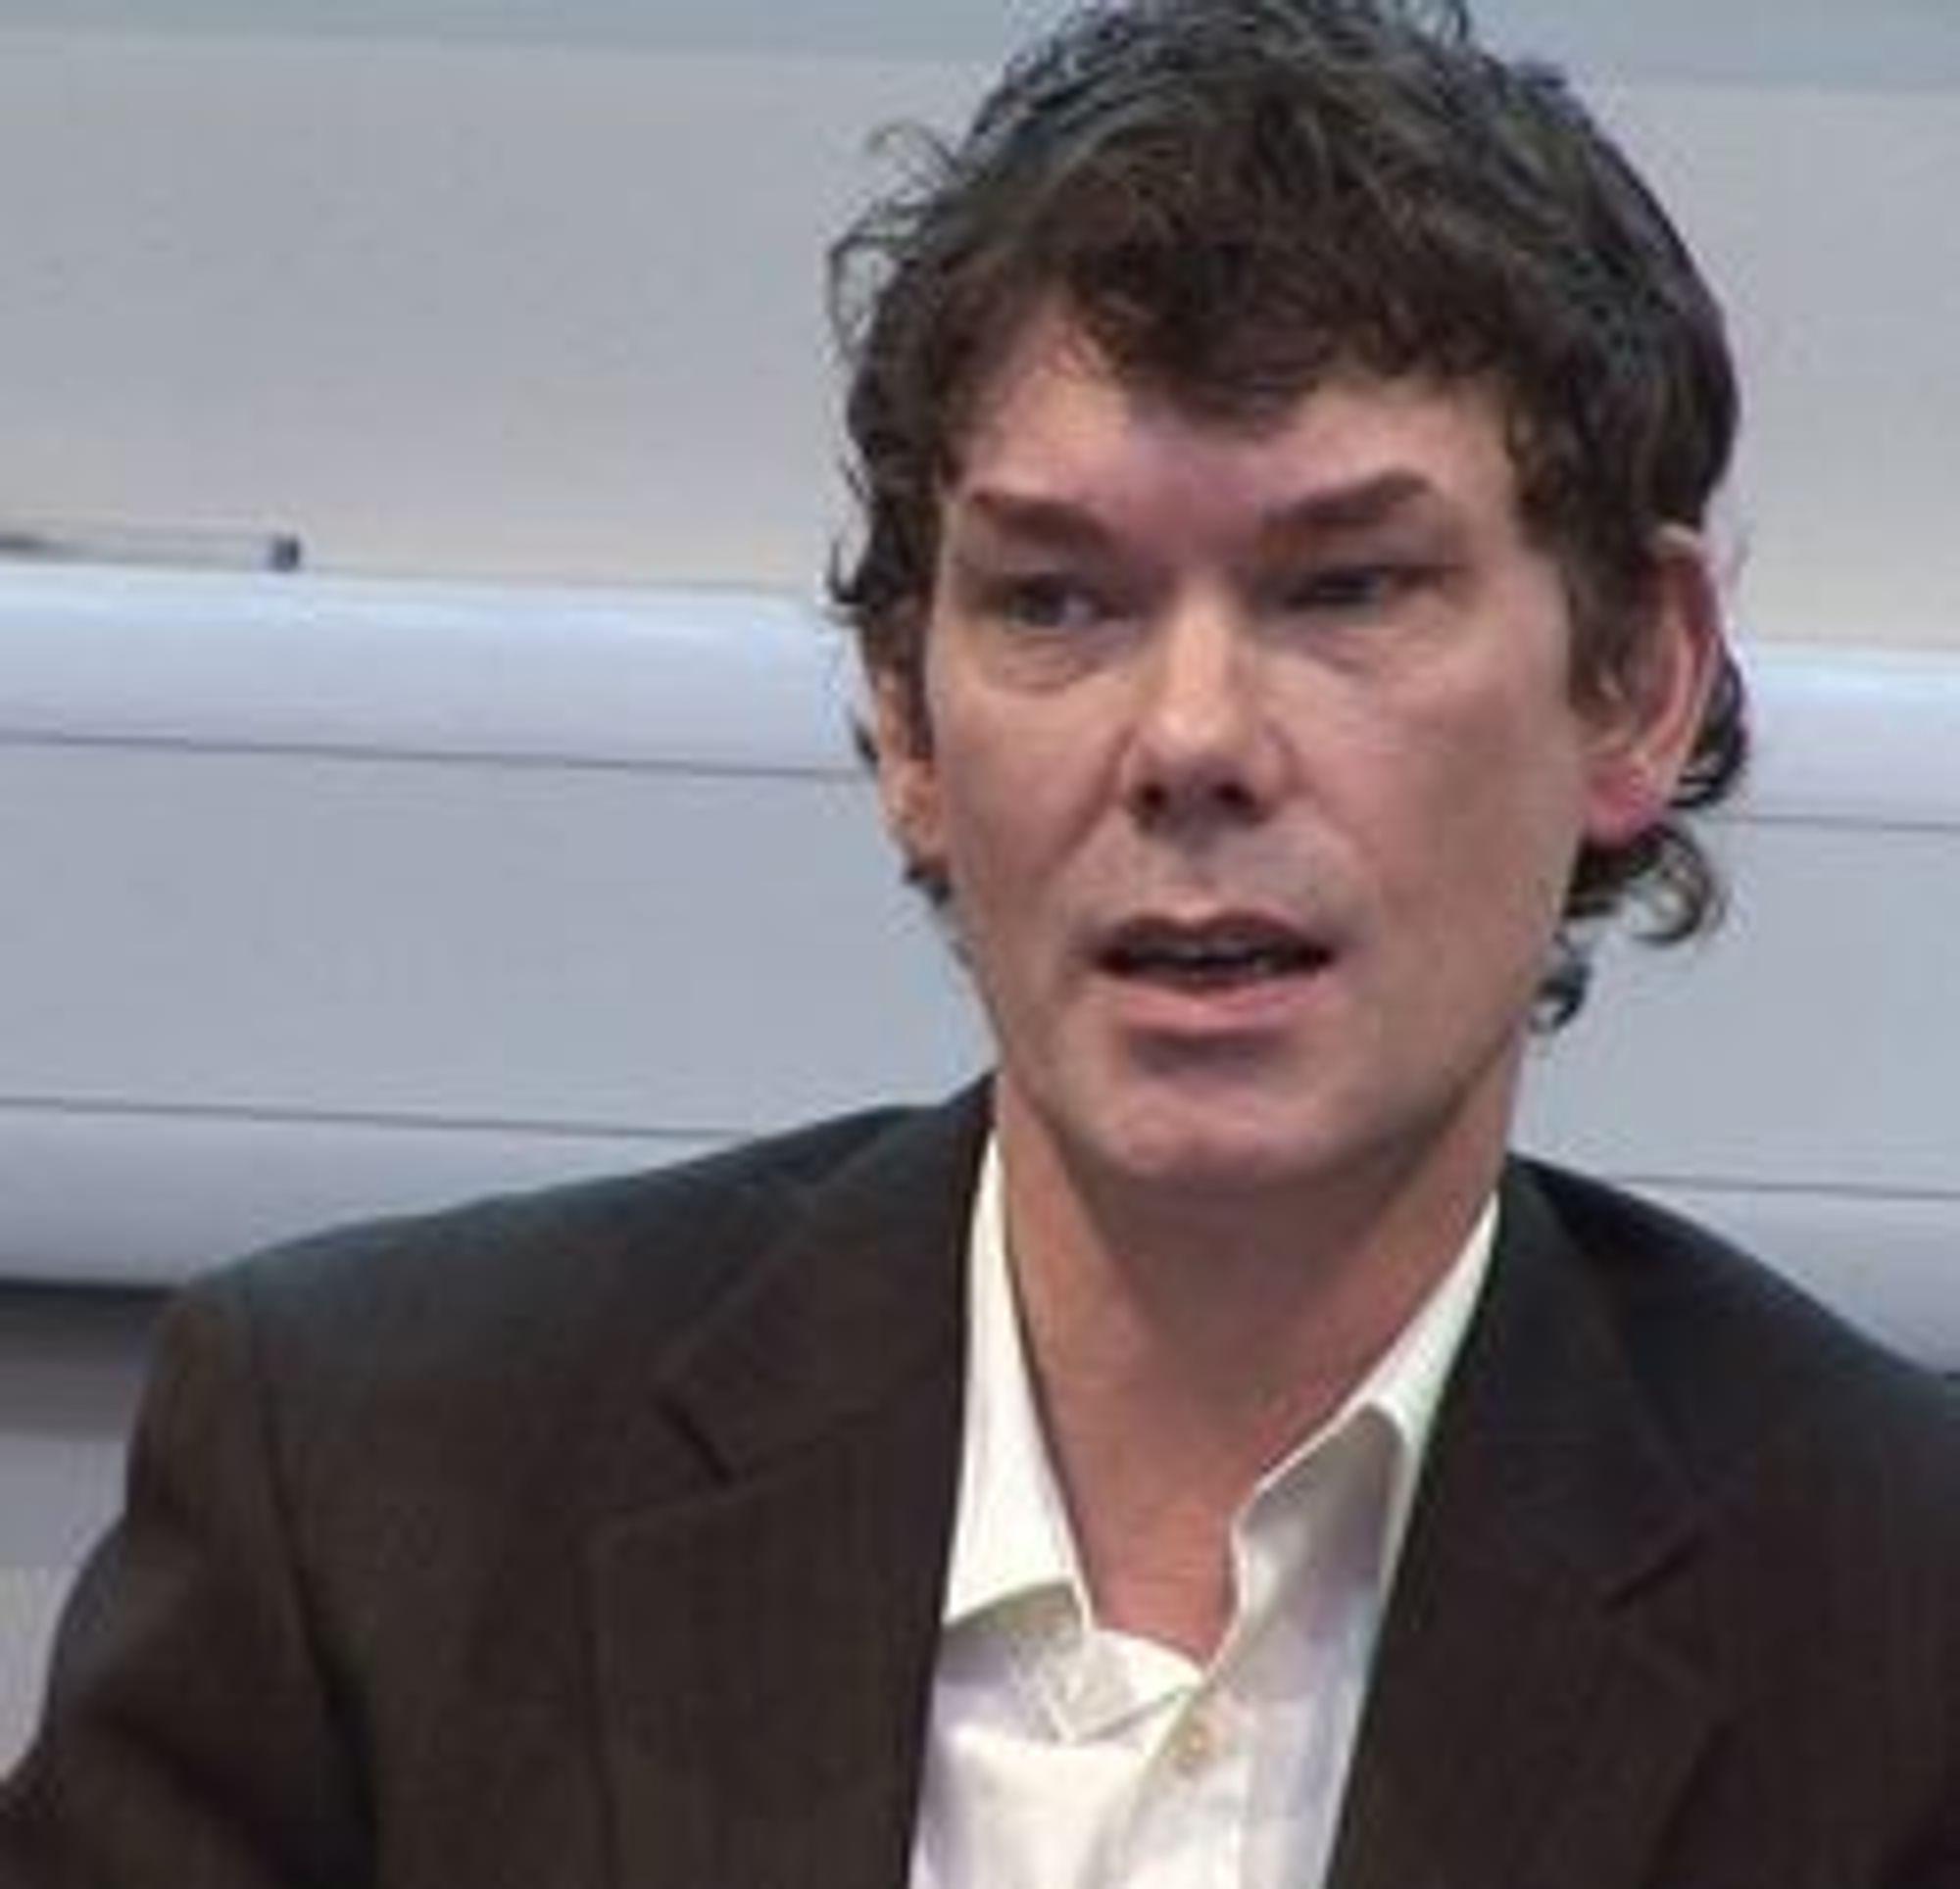 Gary McKinnon har kjempet i mange år for å bli stilt for retten i hjemlandet Storbritannia framfor å utleveres til en terrorsiktelse i USA.